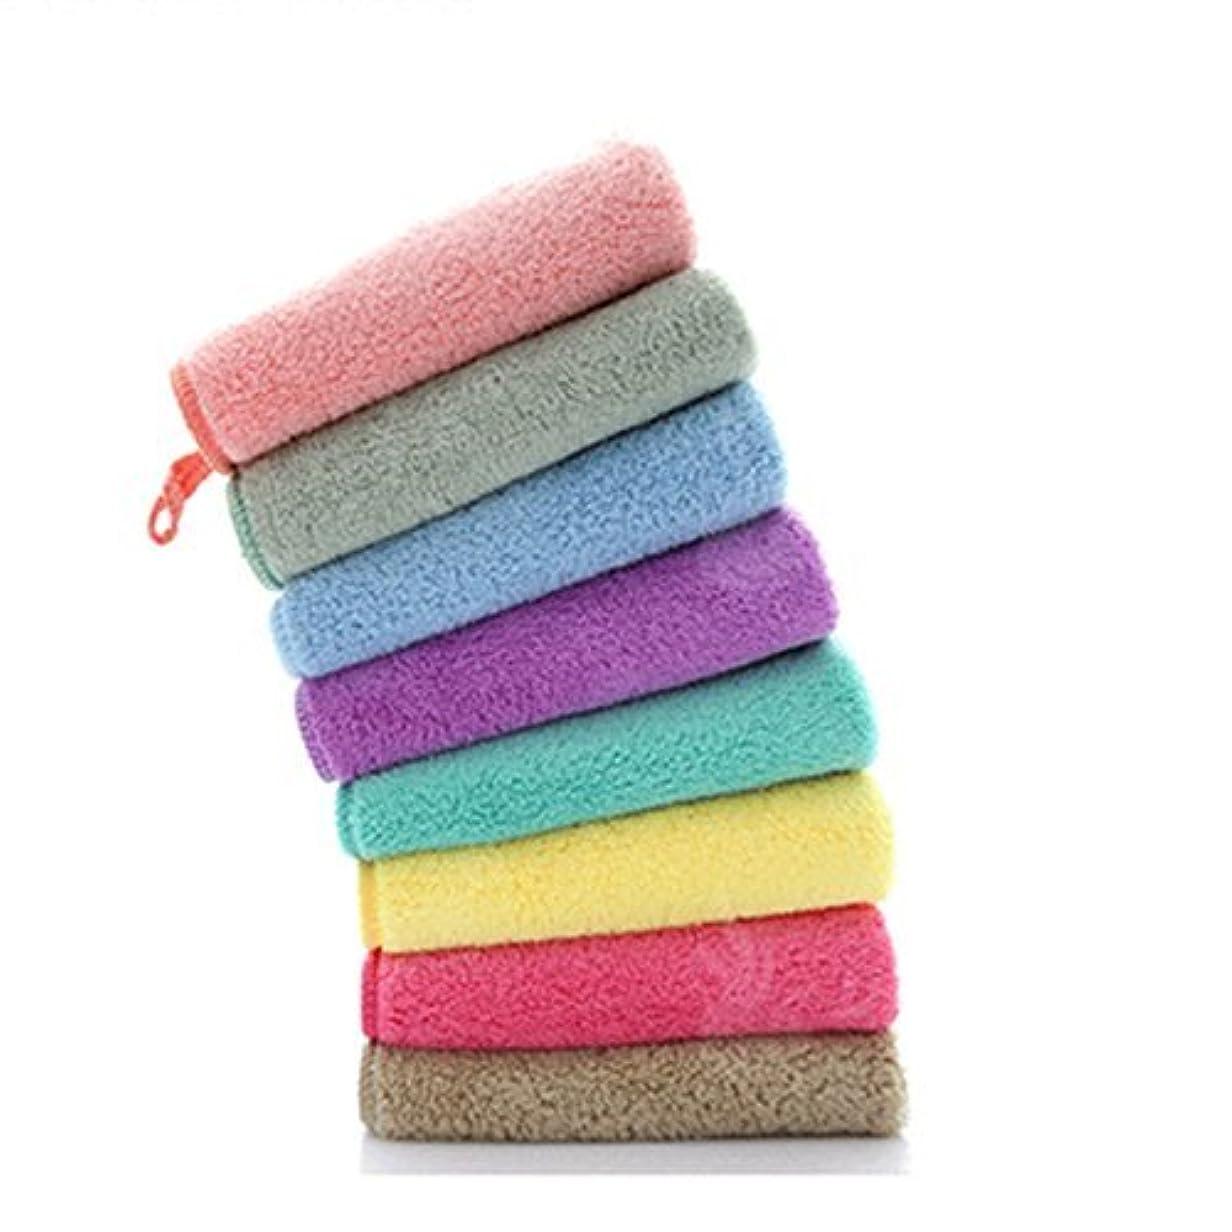 収束事業内容必須(非ブランド品)メイク落としタオル 超細繊維 ソフト 吸水 可愛い6色セット